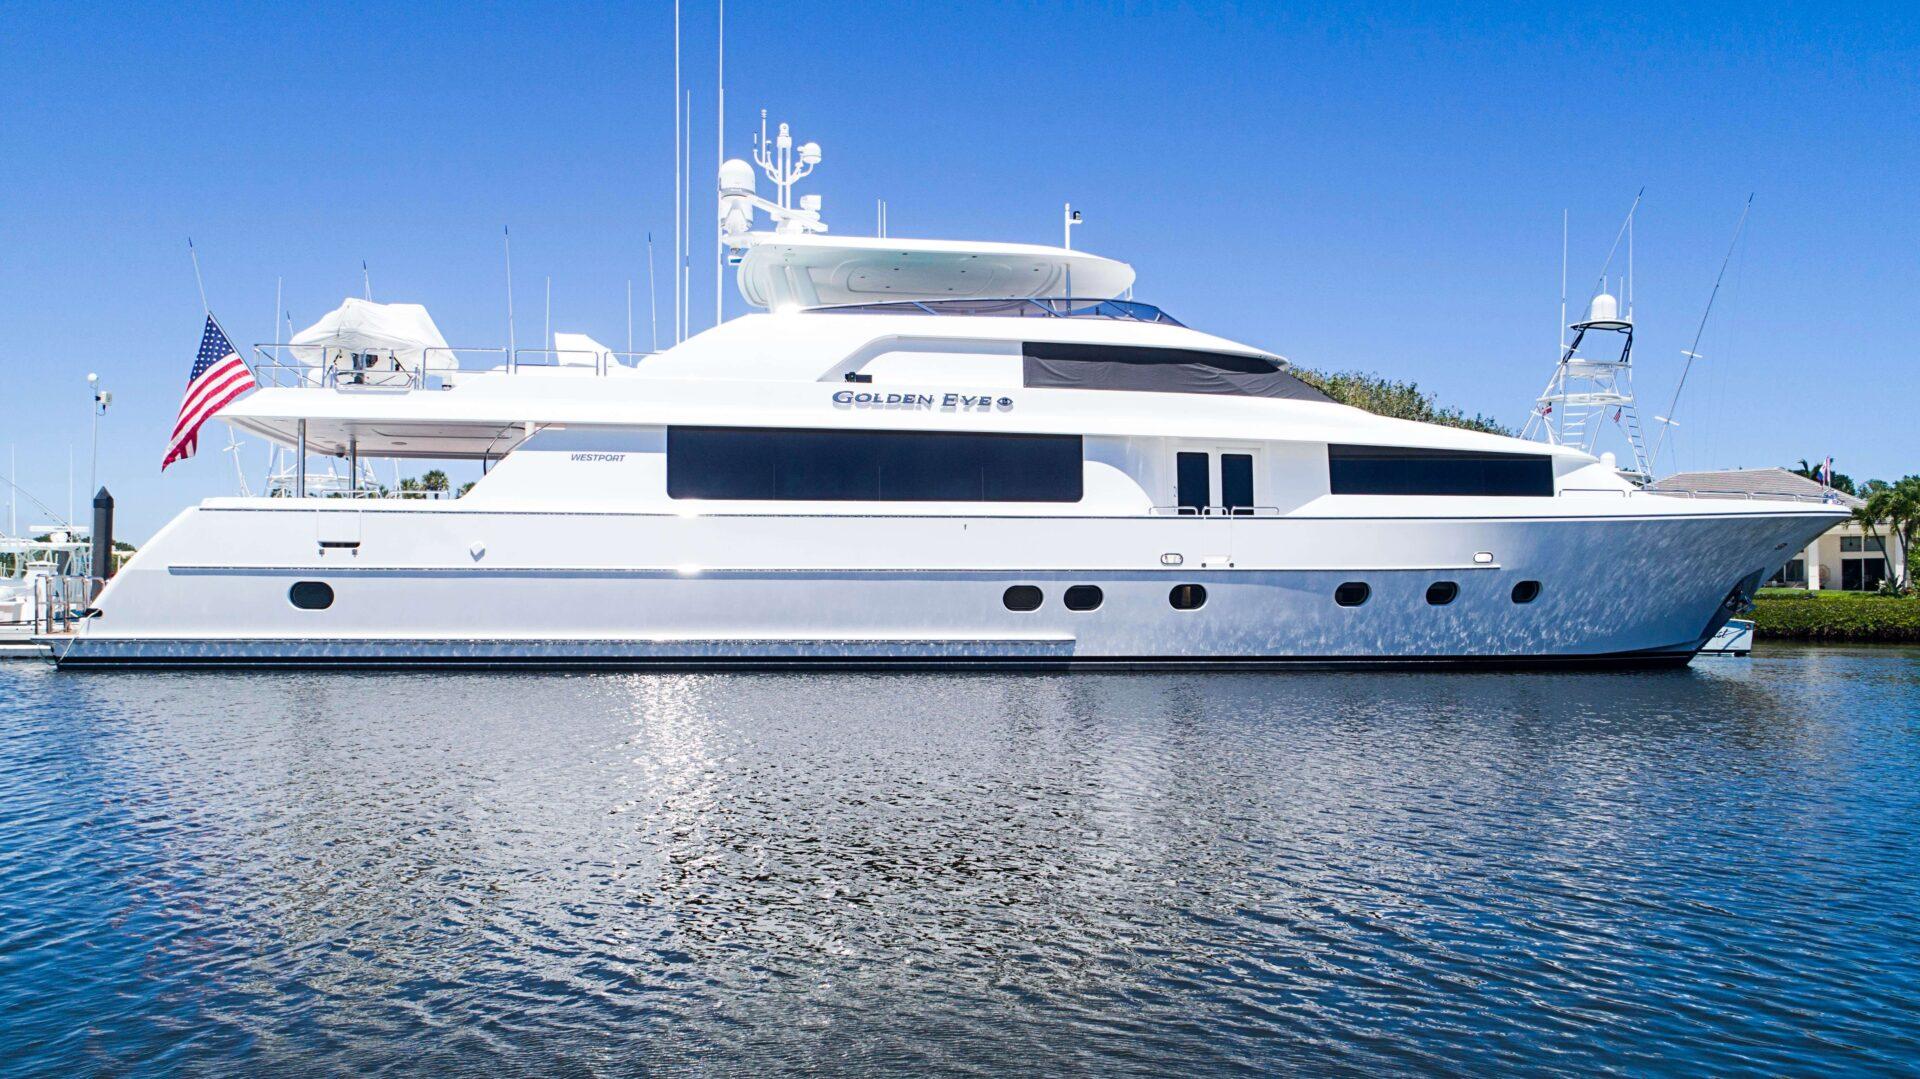 A Golden Eve yacht